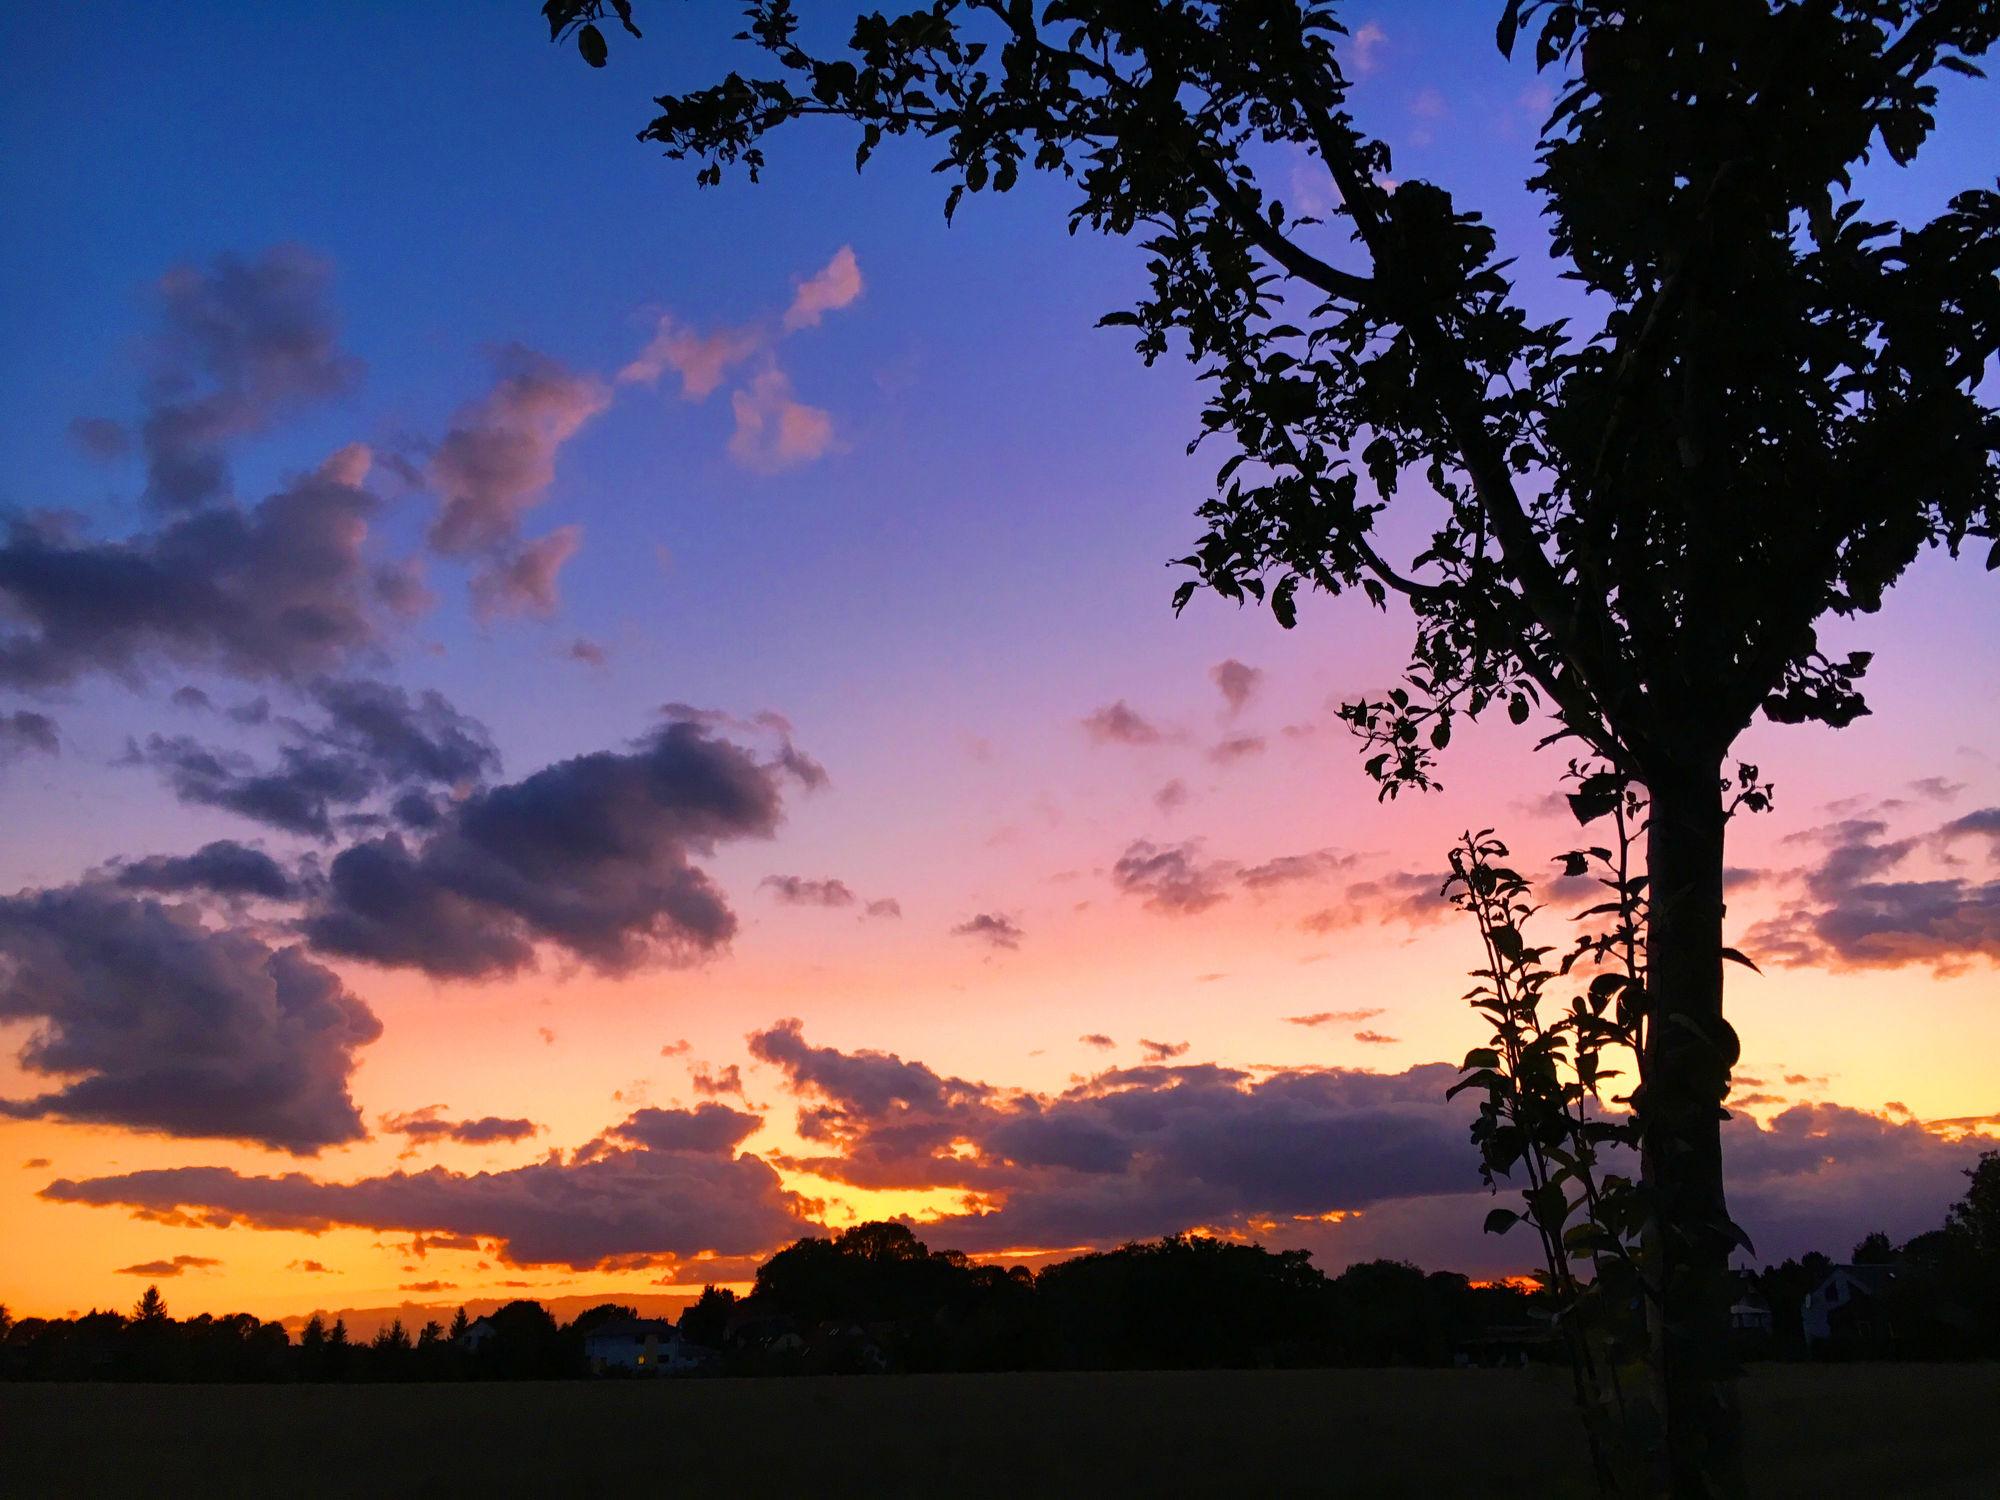 Bild mit Wolken, Horizont, Sonnenuntergang, Sonnenaufgang, Dämmerung, Wolkenhimmel, Sunset, Wolkengebilde, Sky, Wolken am Himmel, Himmel Panorama, Wolkenhimmel Panorama, Weitblick, Wolken Himmel, cloud, clouds, Sky panorama